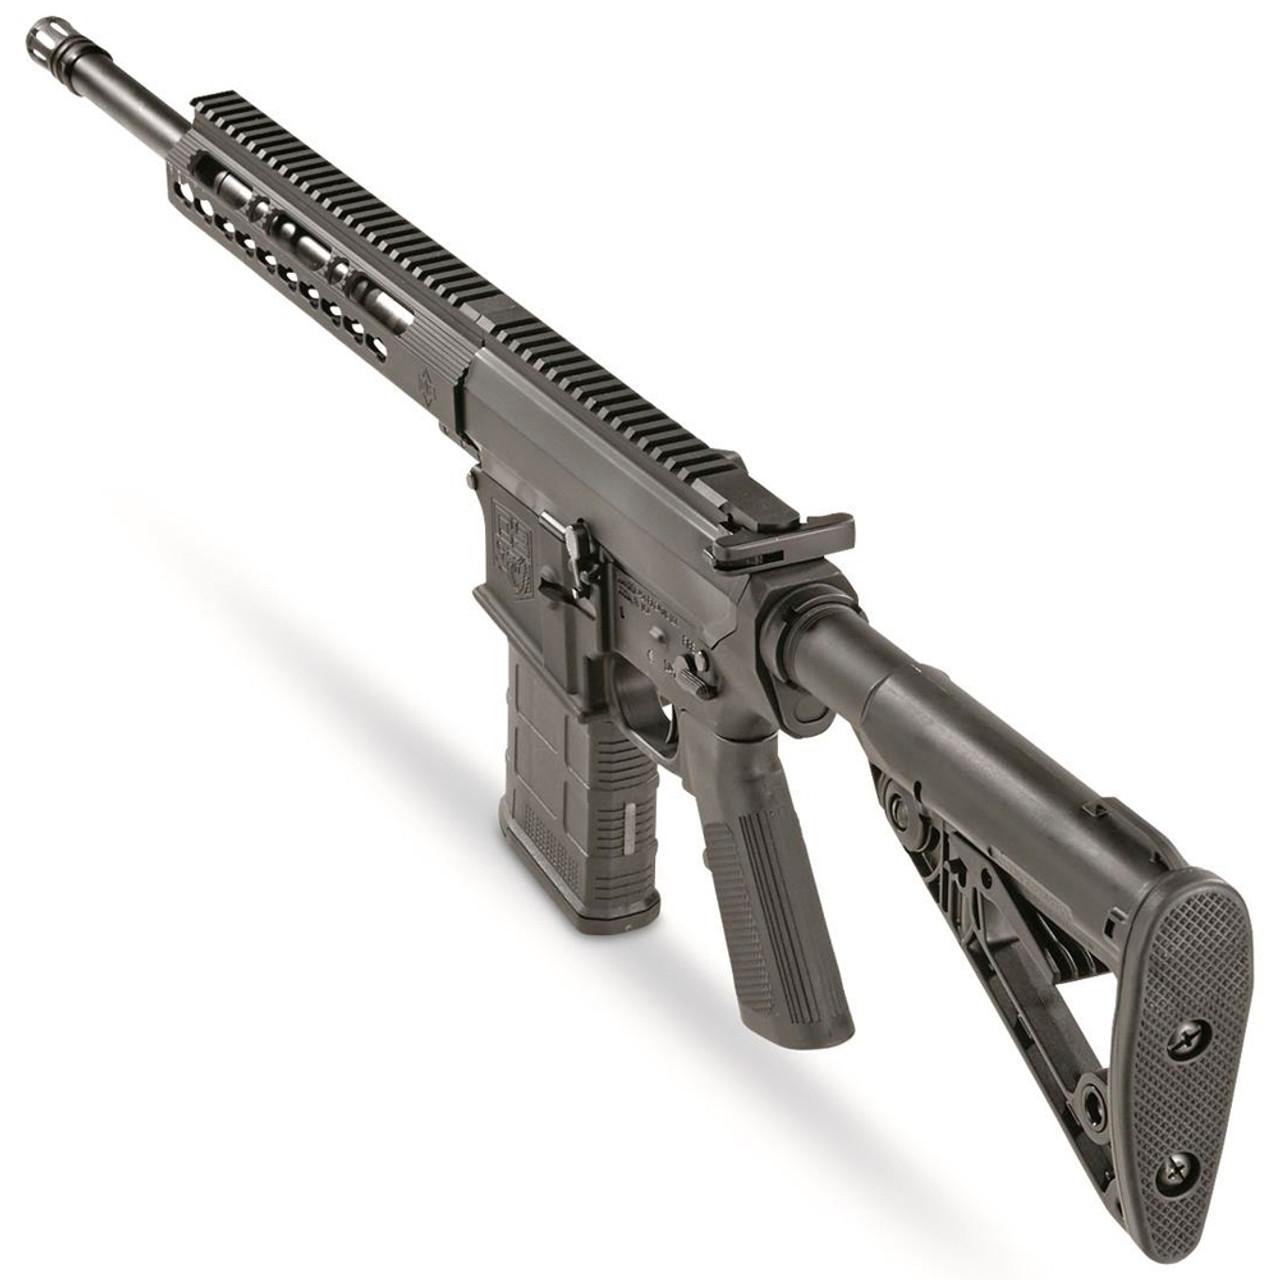 DIAMONDBACK DB10 308 Win 16in 20rd Semi-Automatic Rifle (DB10CKMB)